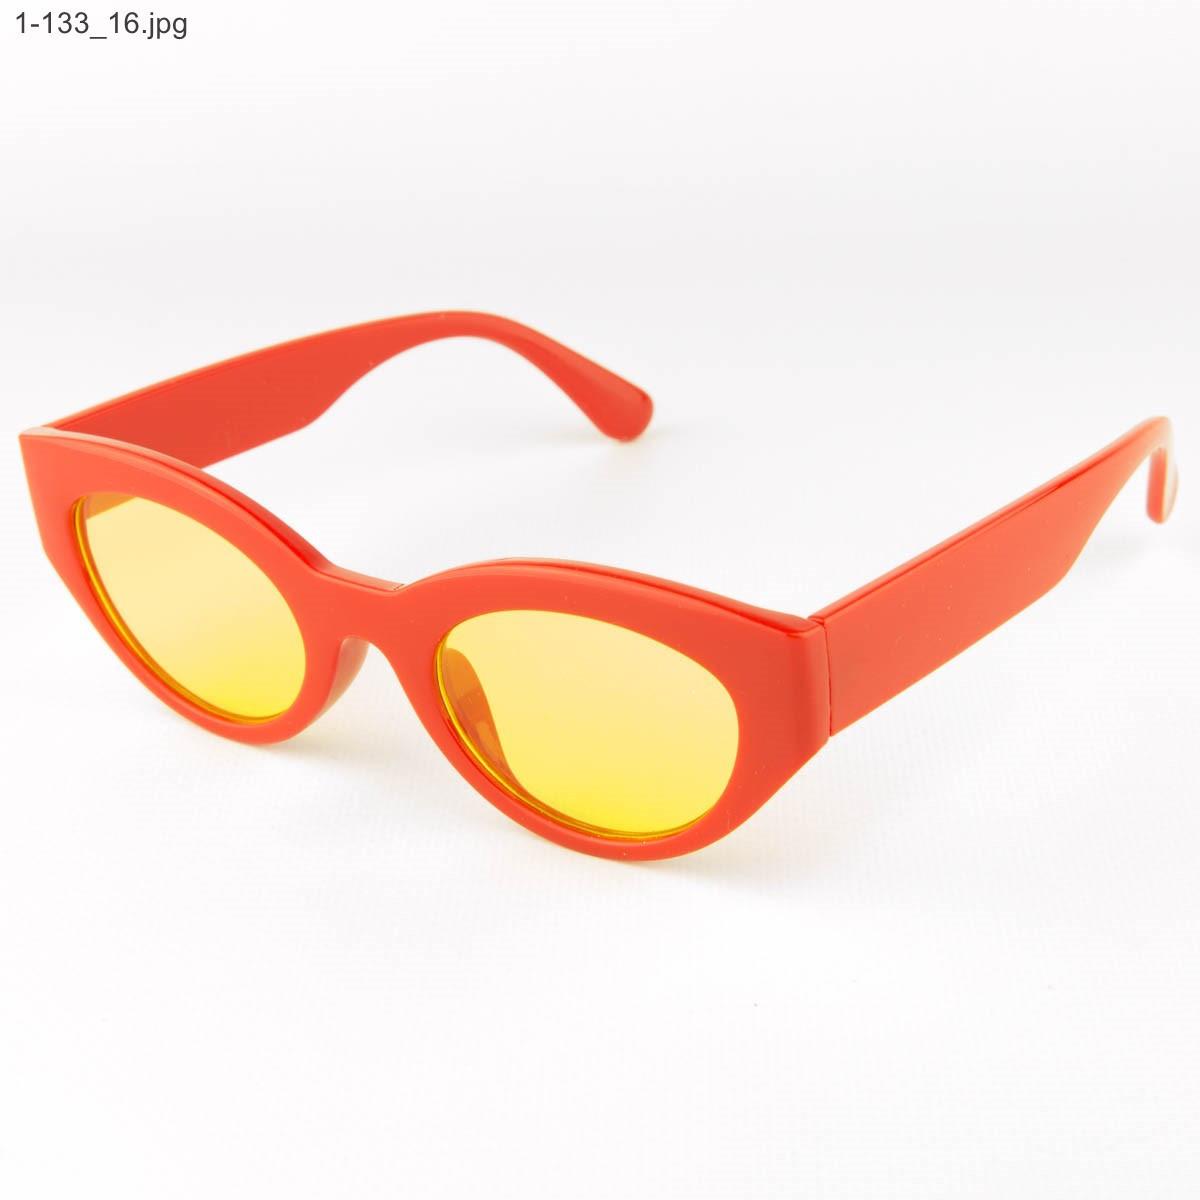 Оптом солнцезащитные очки овальной формы - Красные - 1-133